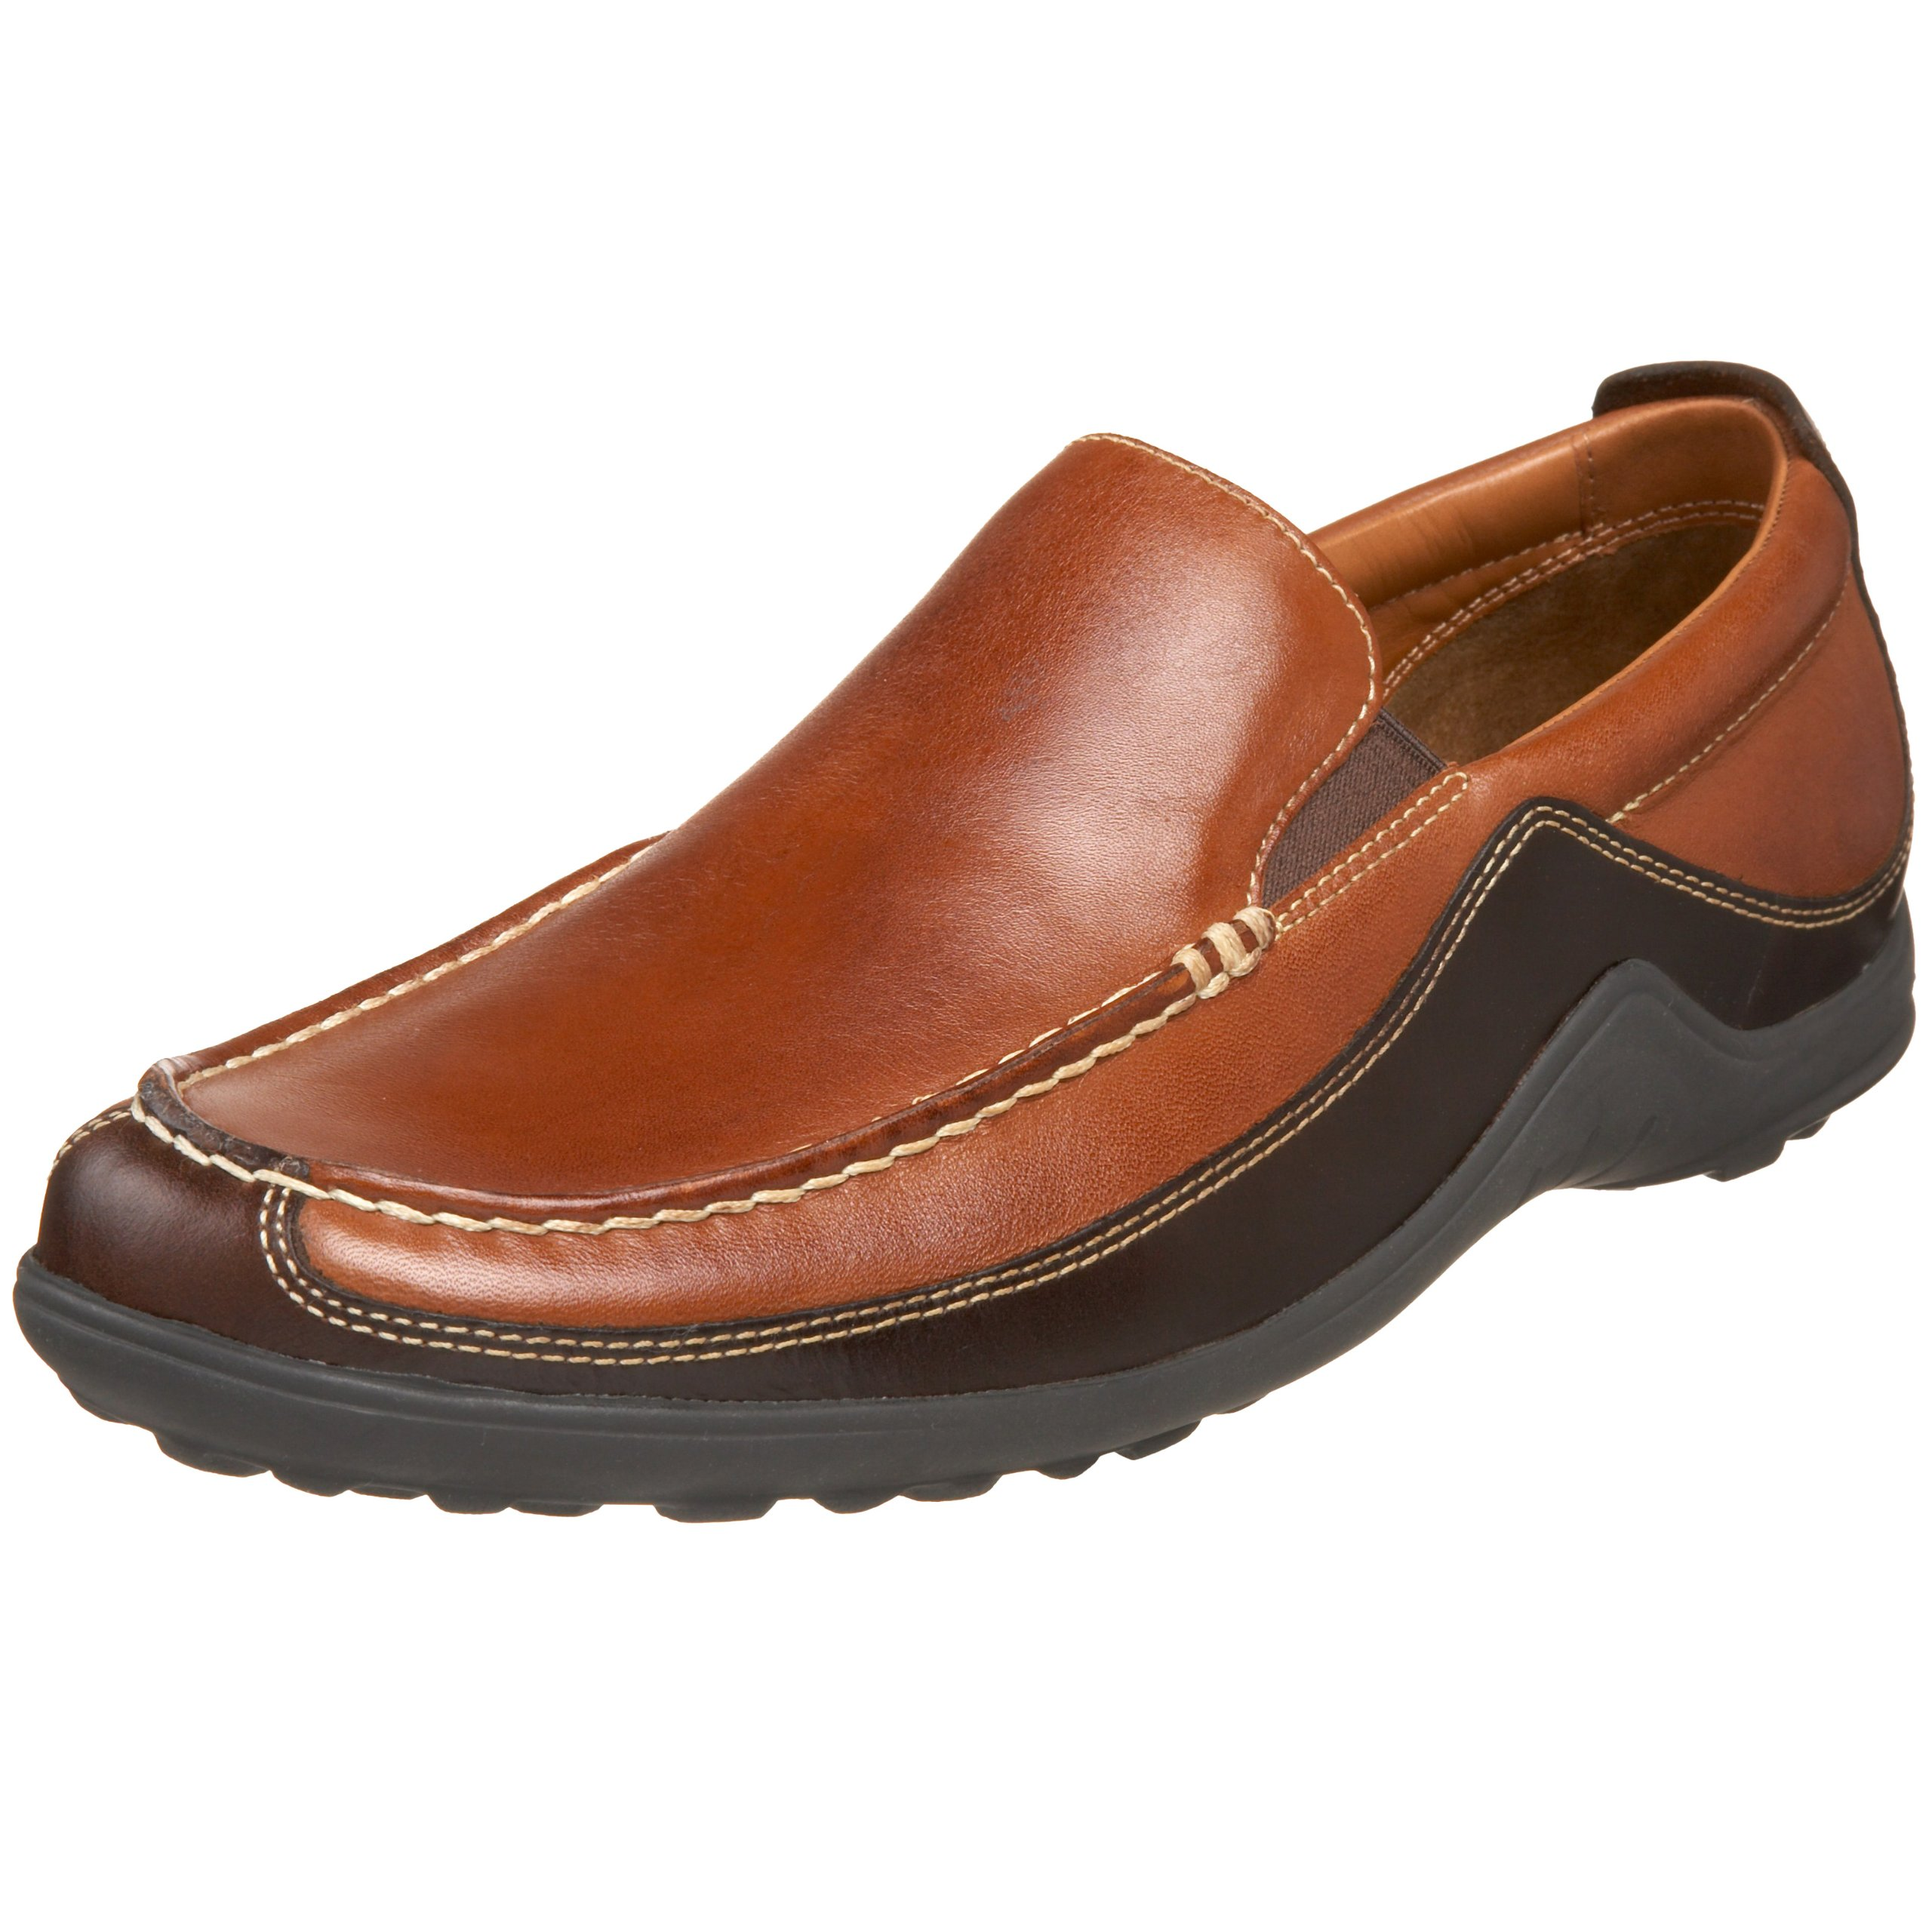 Cole Haan Men's Tucker Venetian LoaferTan10 M US